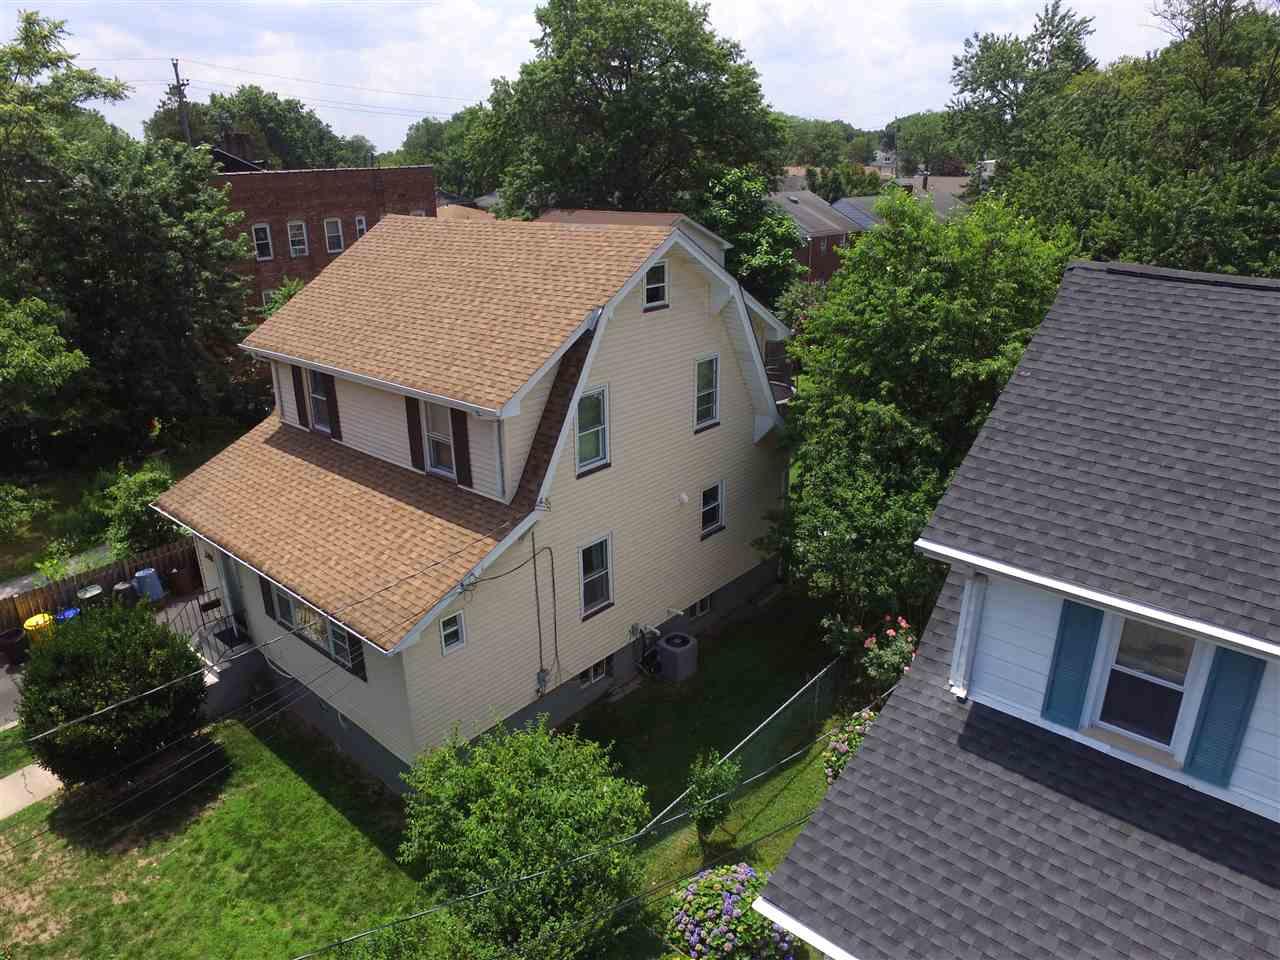 288 WOODBINE ST, Teaneck, NJ 07666